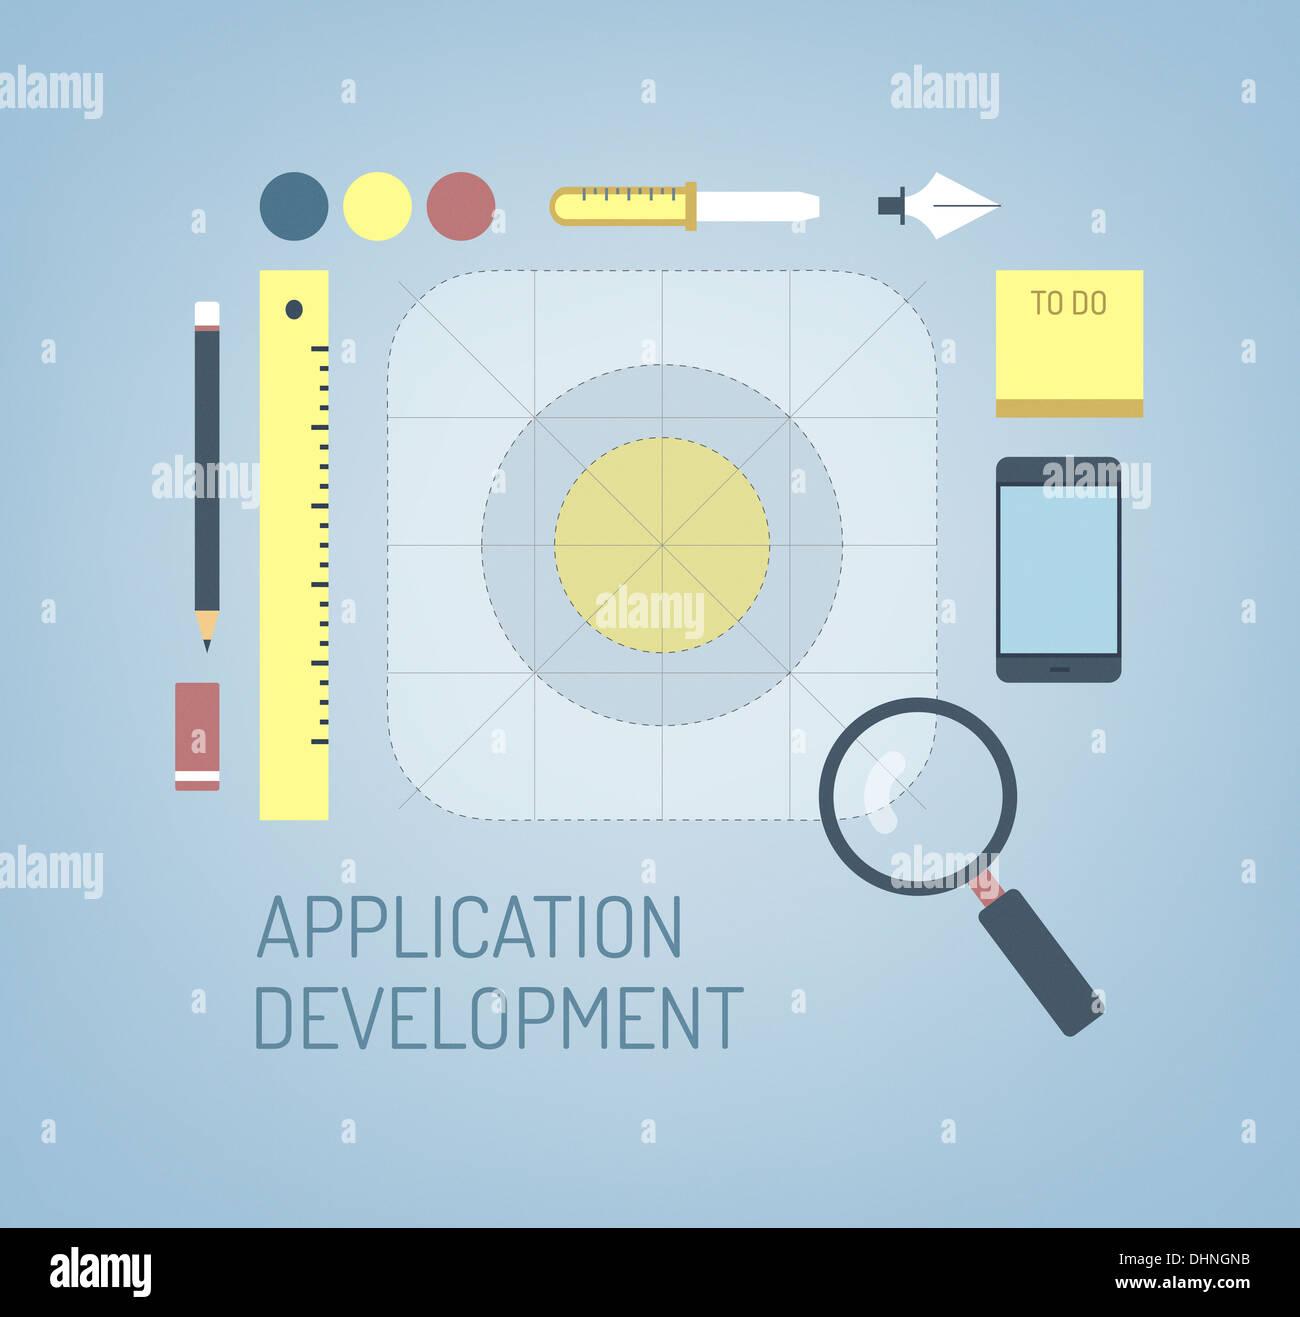 Illustrazione moderno concetto di ricerca, la creazione e il processo di sviluppo di una nuova applicazione icona per interfaccia mobile Immagini Stock